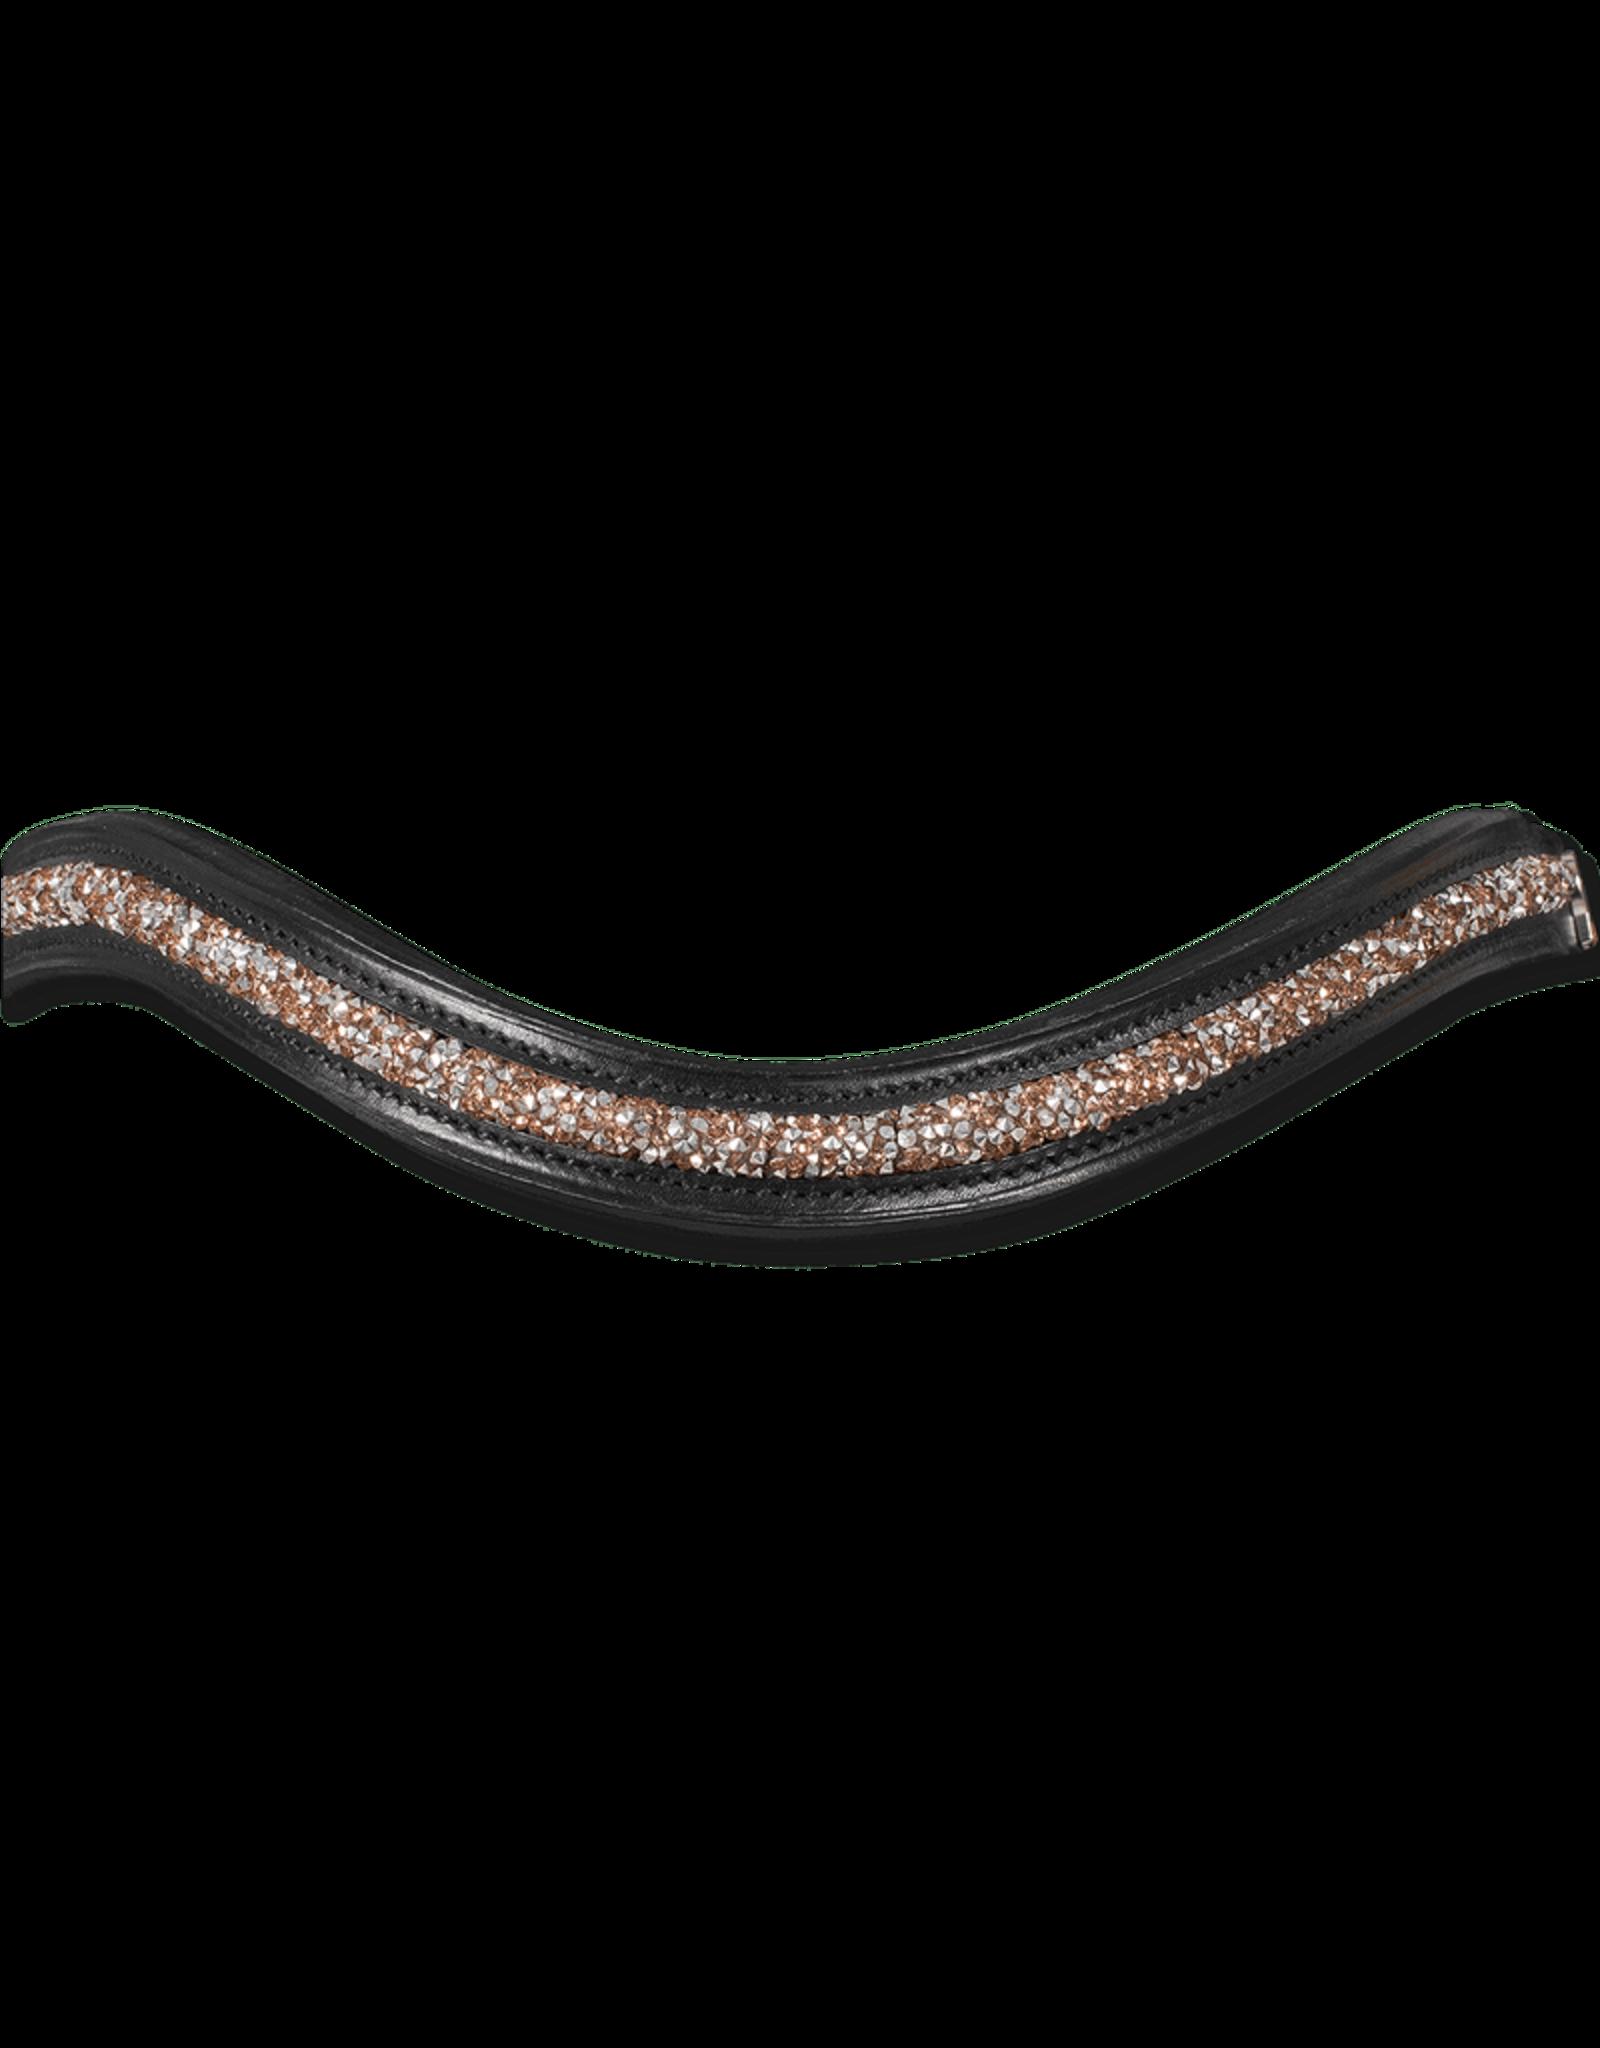 Waldhausen X-Line Rosewood Patent Bridle